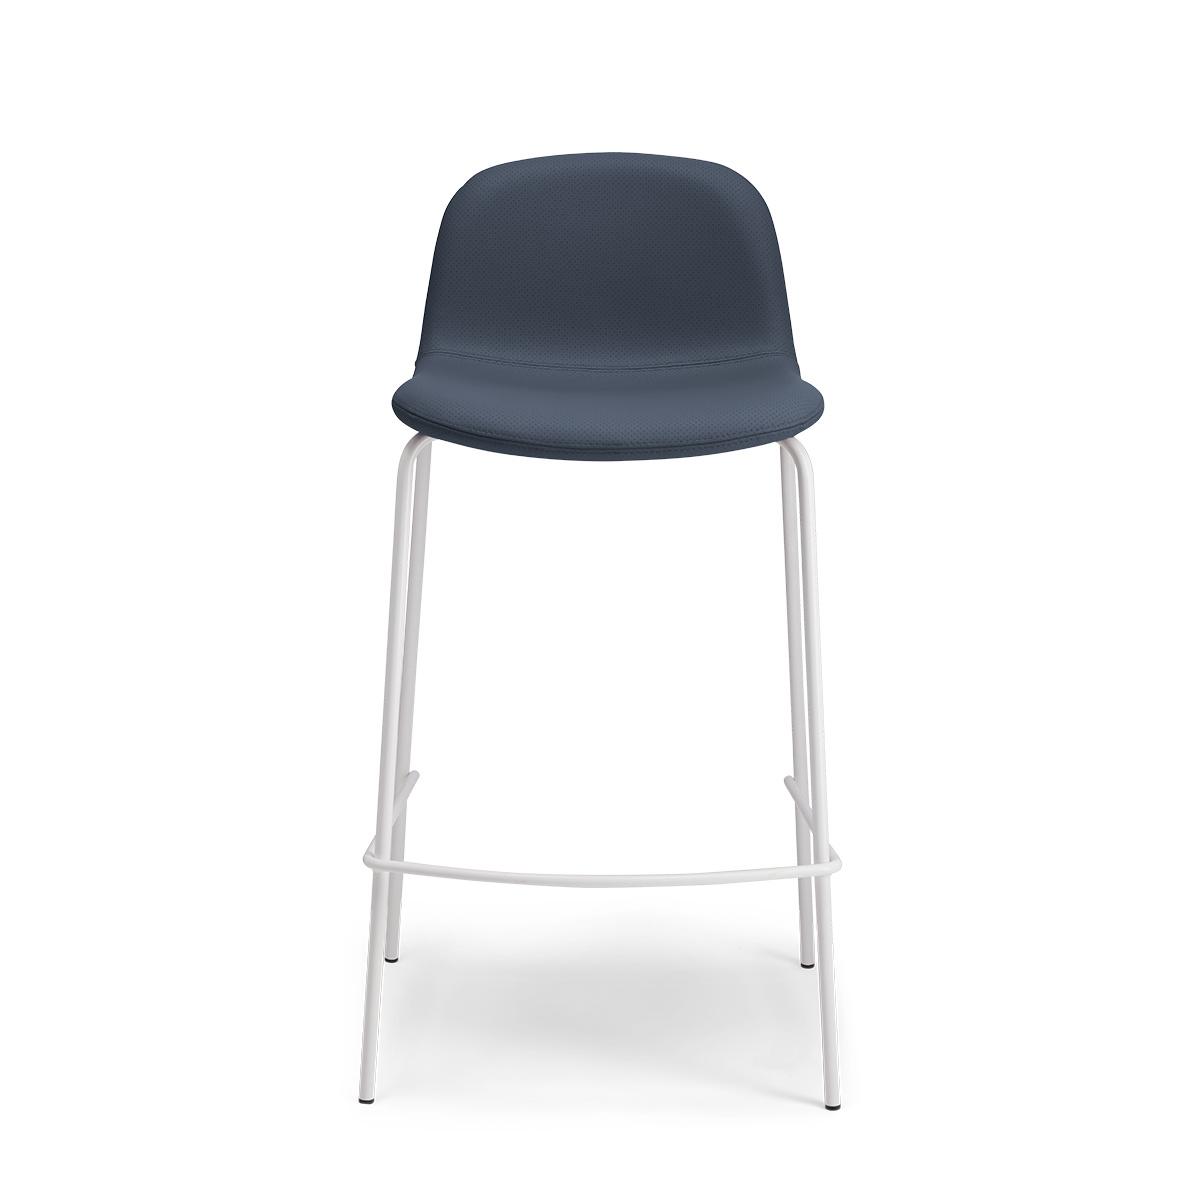 Chaise de bar Monza pieds blancs cuir perforé bleu marine